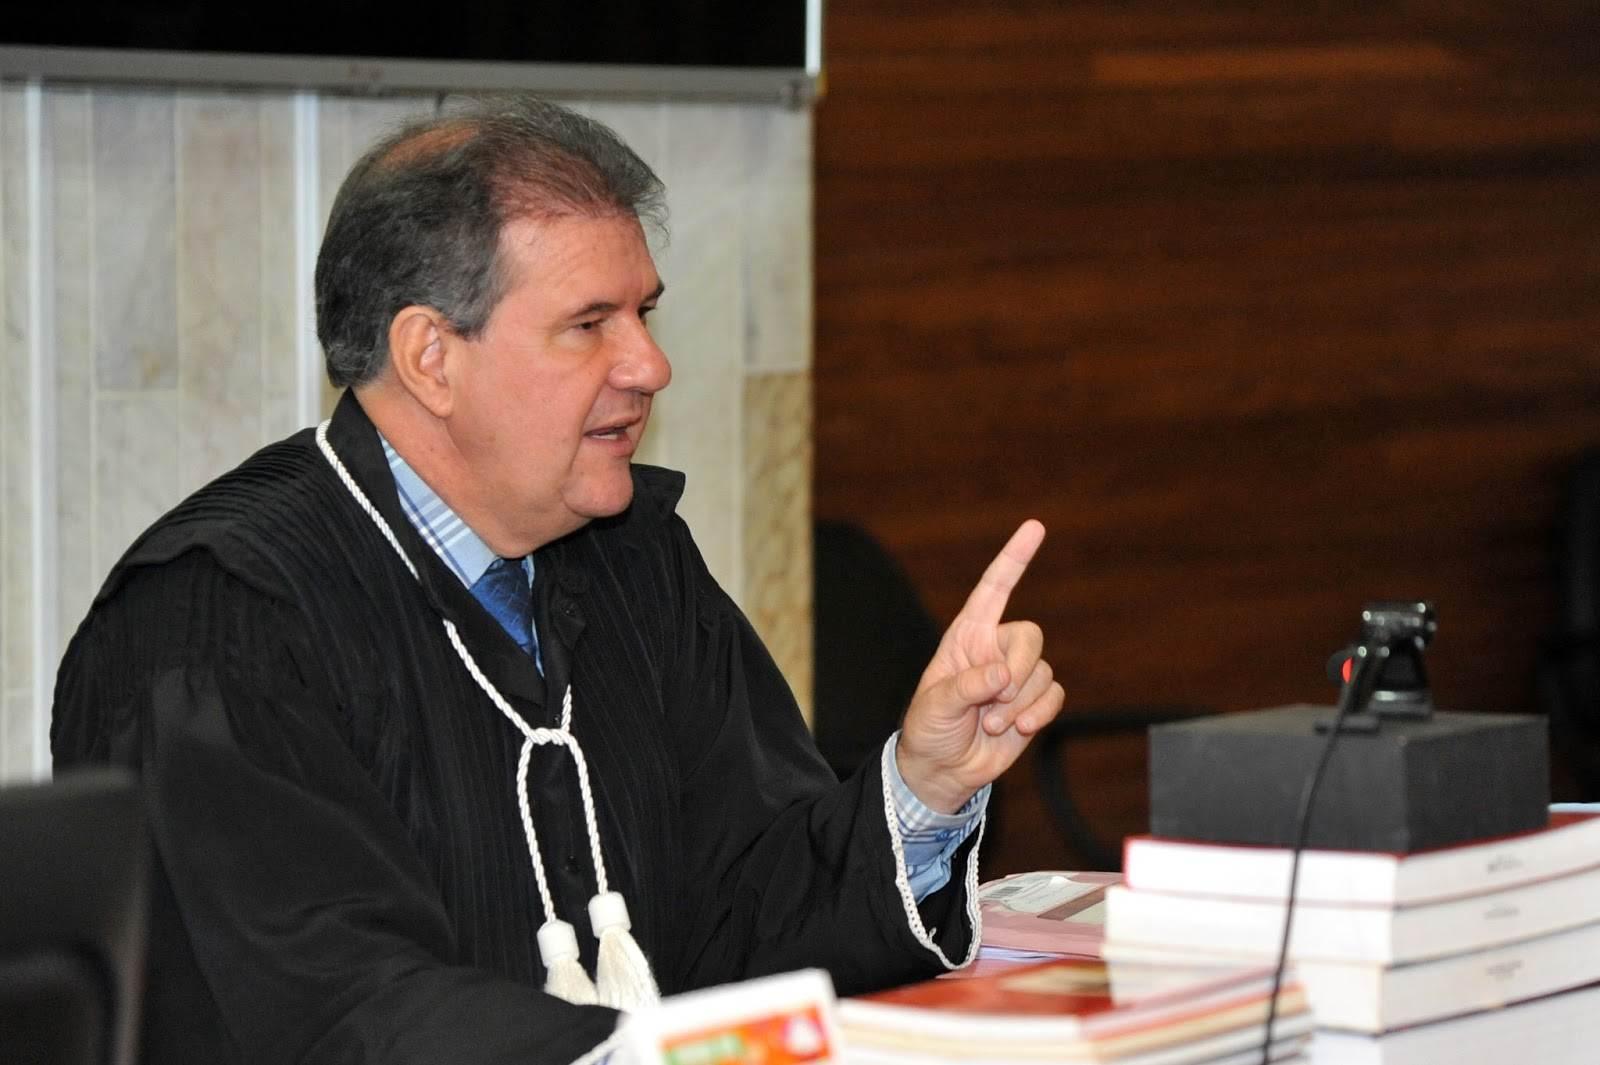 Juiz Jesseir Coelho de Alcântara, da 3ª Vara dos Crimes Dolosos Contra a Vida e Tribunal do Júri de Goiânia | Foto: Divulgação/TJGO